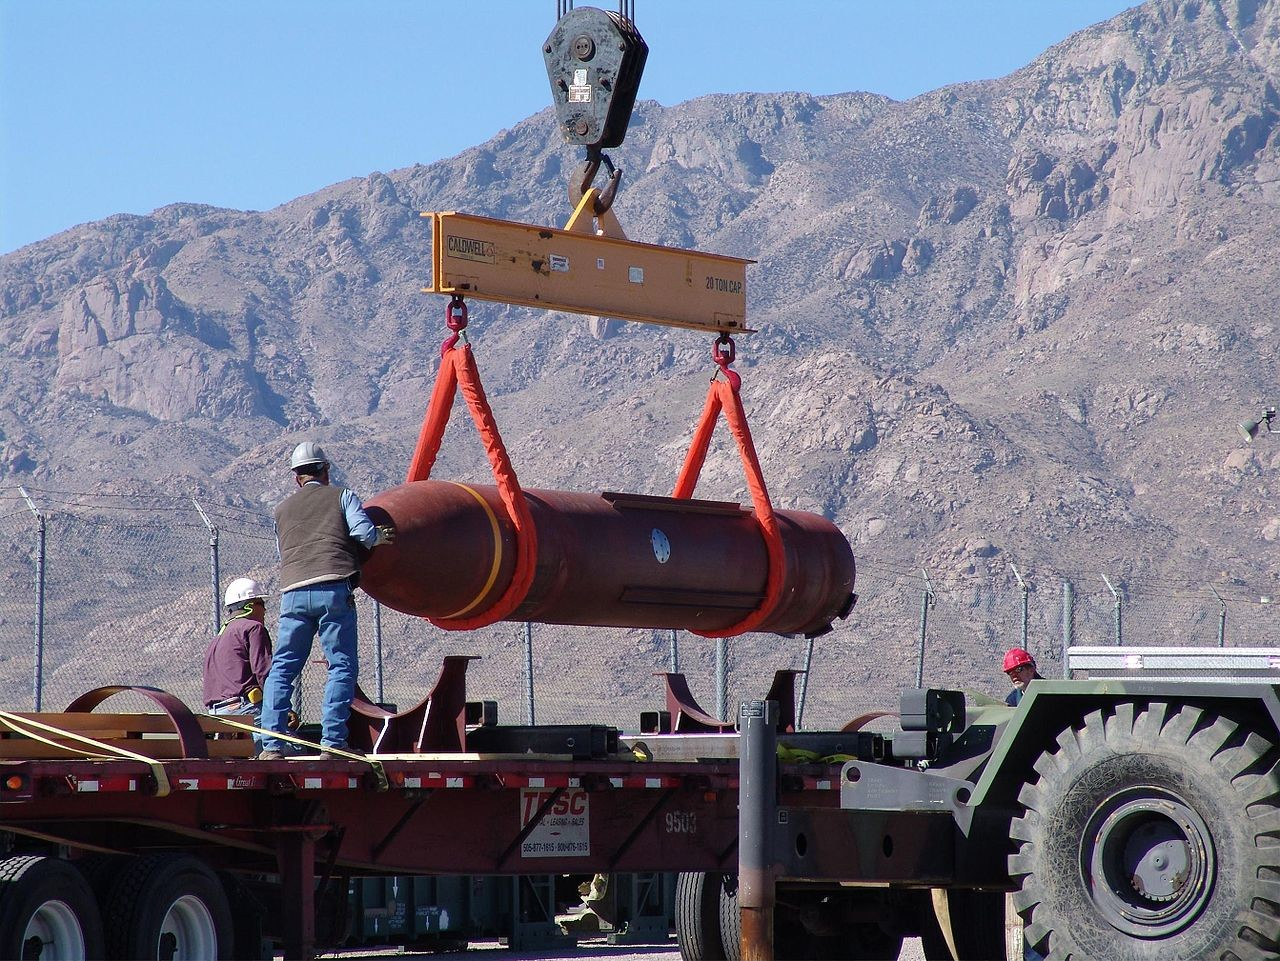 ВСША модернизирована крупнейшая неядерная бомба